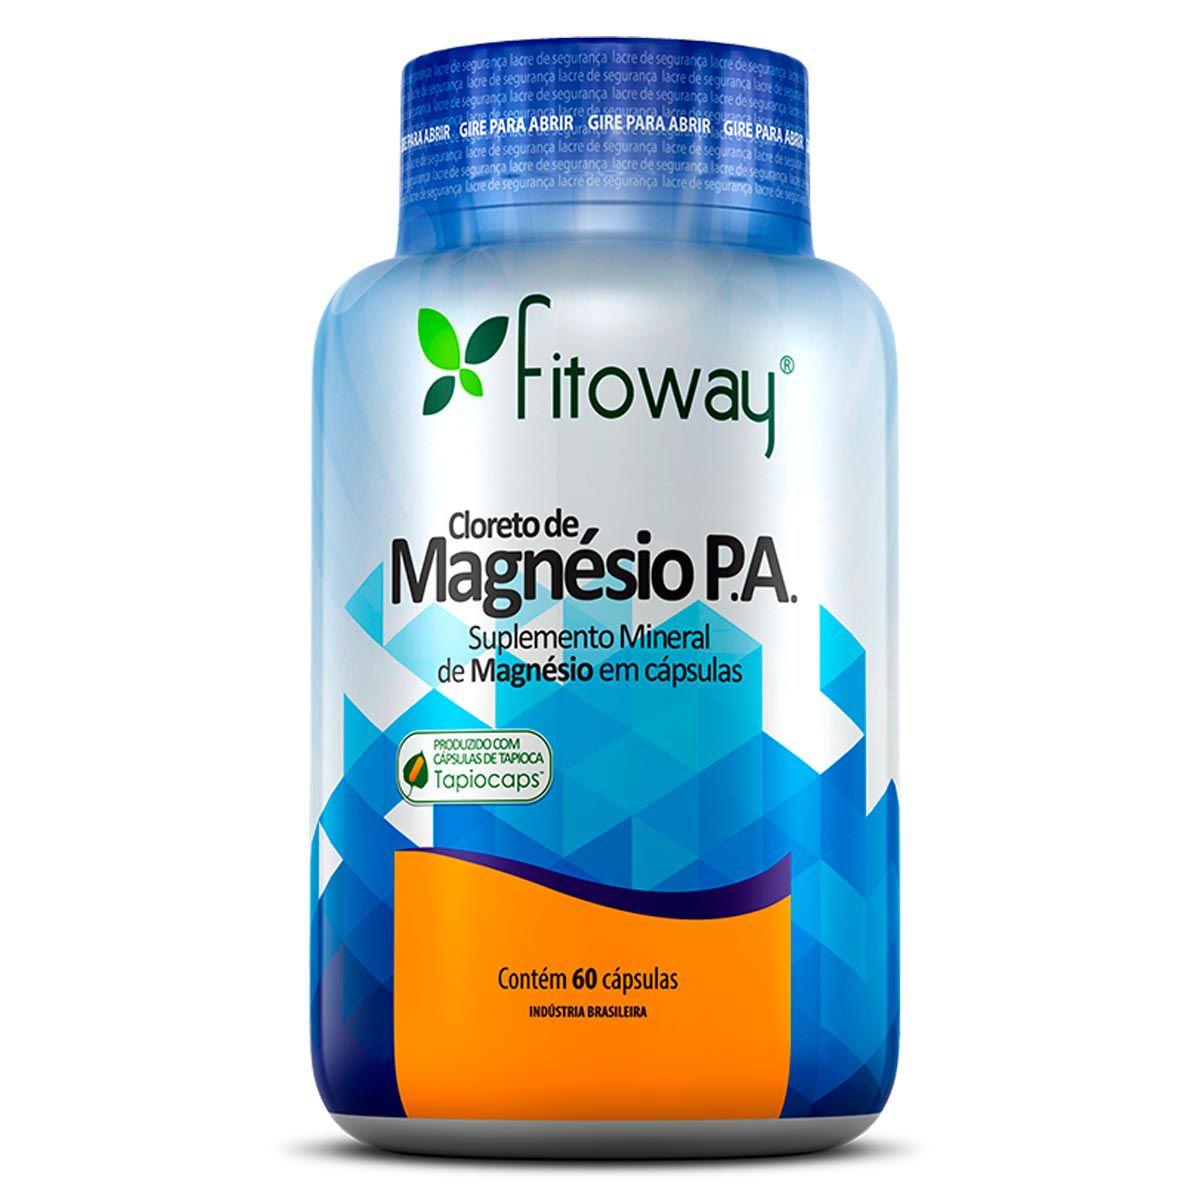 Cloreto de Magnésio P.A 60 cápsulas - Fitoway